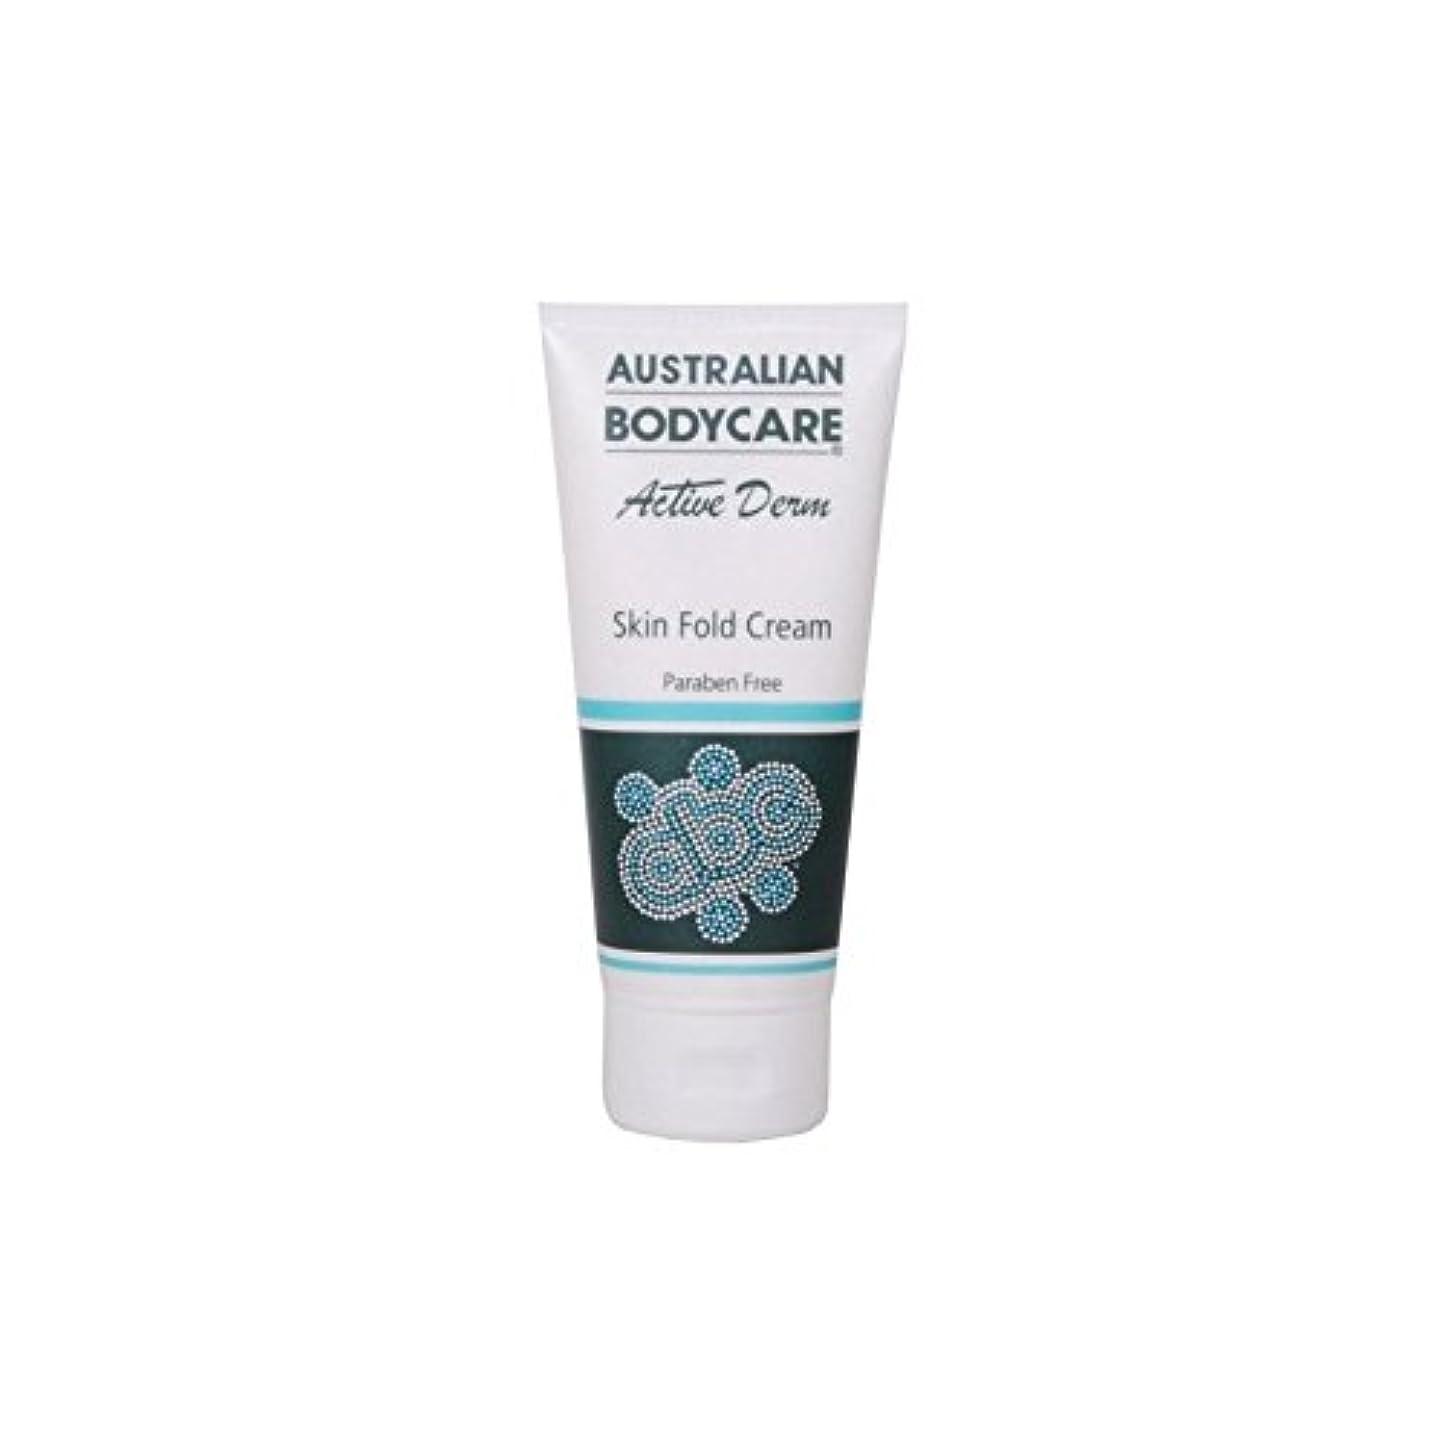 エミュレーション食用放棄Australian Bodycare Active Derm Skin Fold Cream (100ml) (Pack of 6) - オーストラリアのボディケアアクティブダーム皮膚のひだクリーム(100ミリリットル...